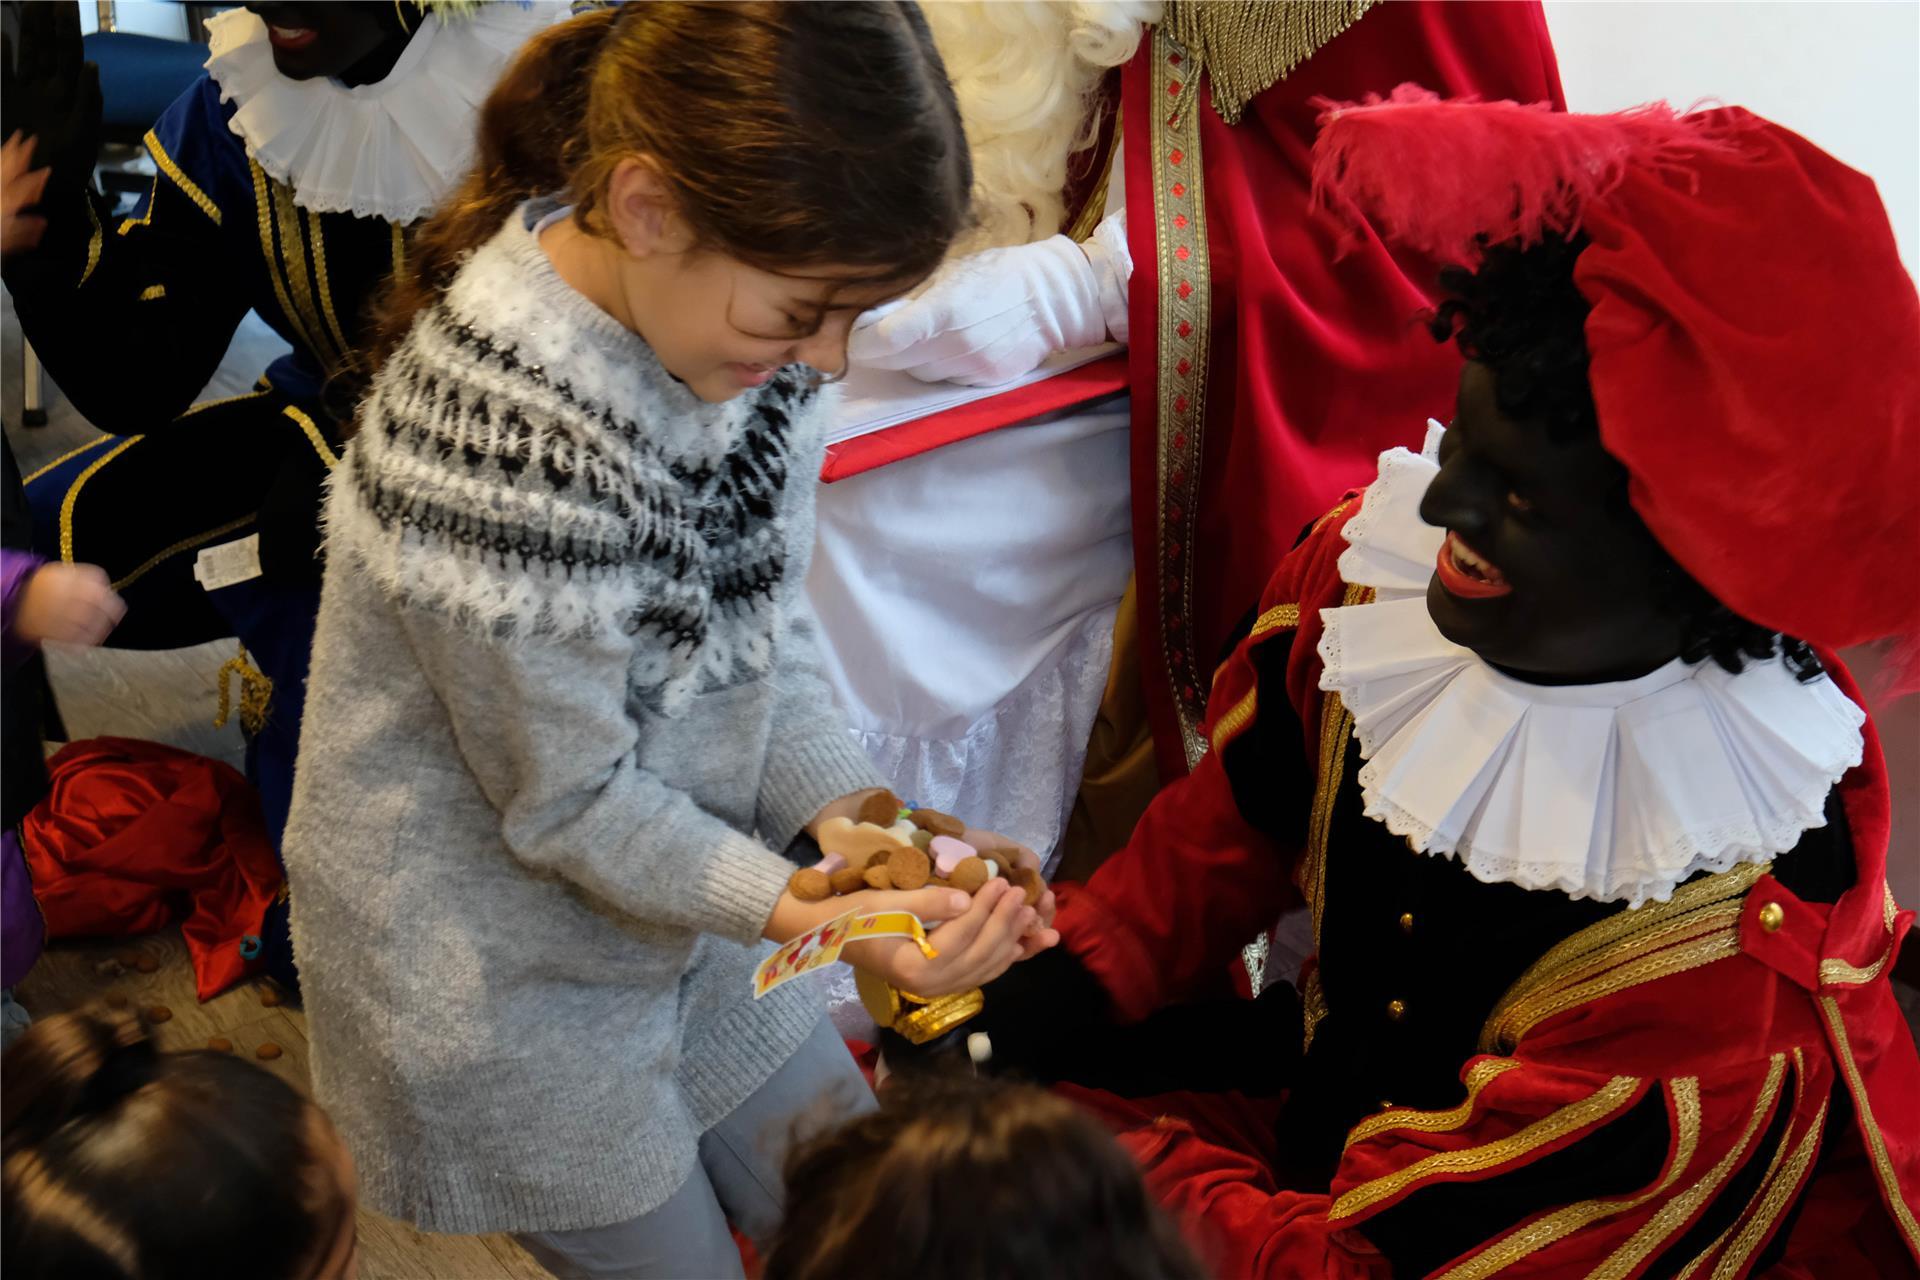 Sinterklaas-3829 - kopie - kopie - kopie - kopie.jpg